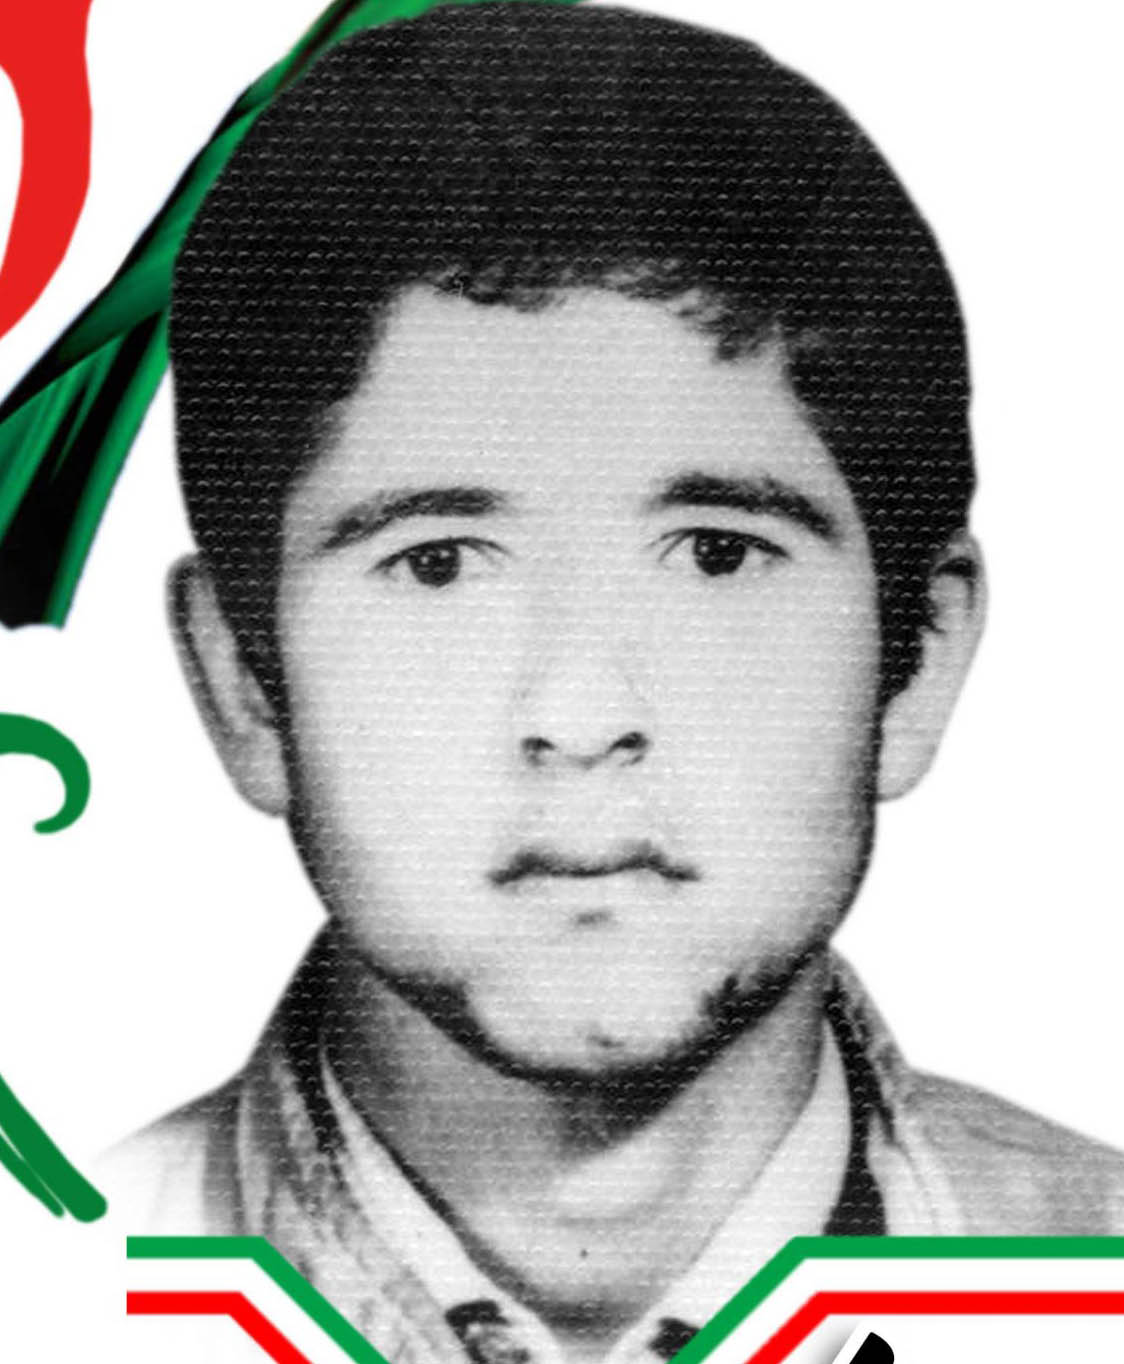 شهیدمحمدی -سید عظیم